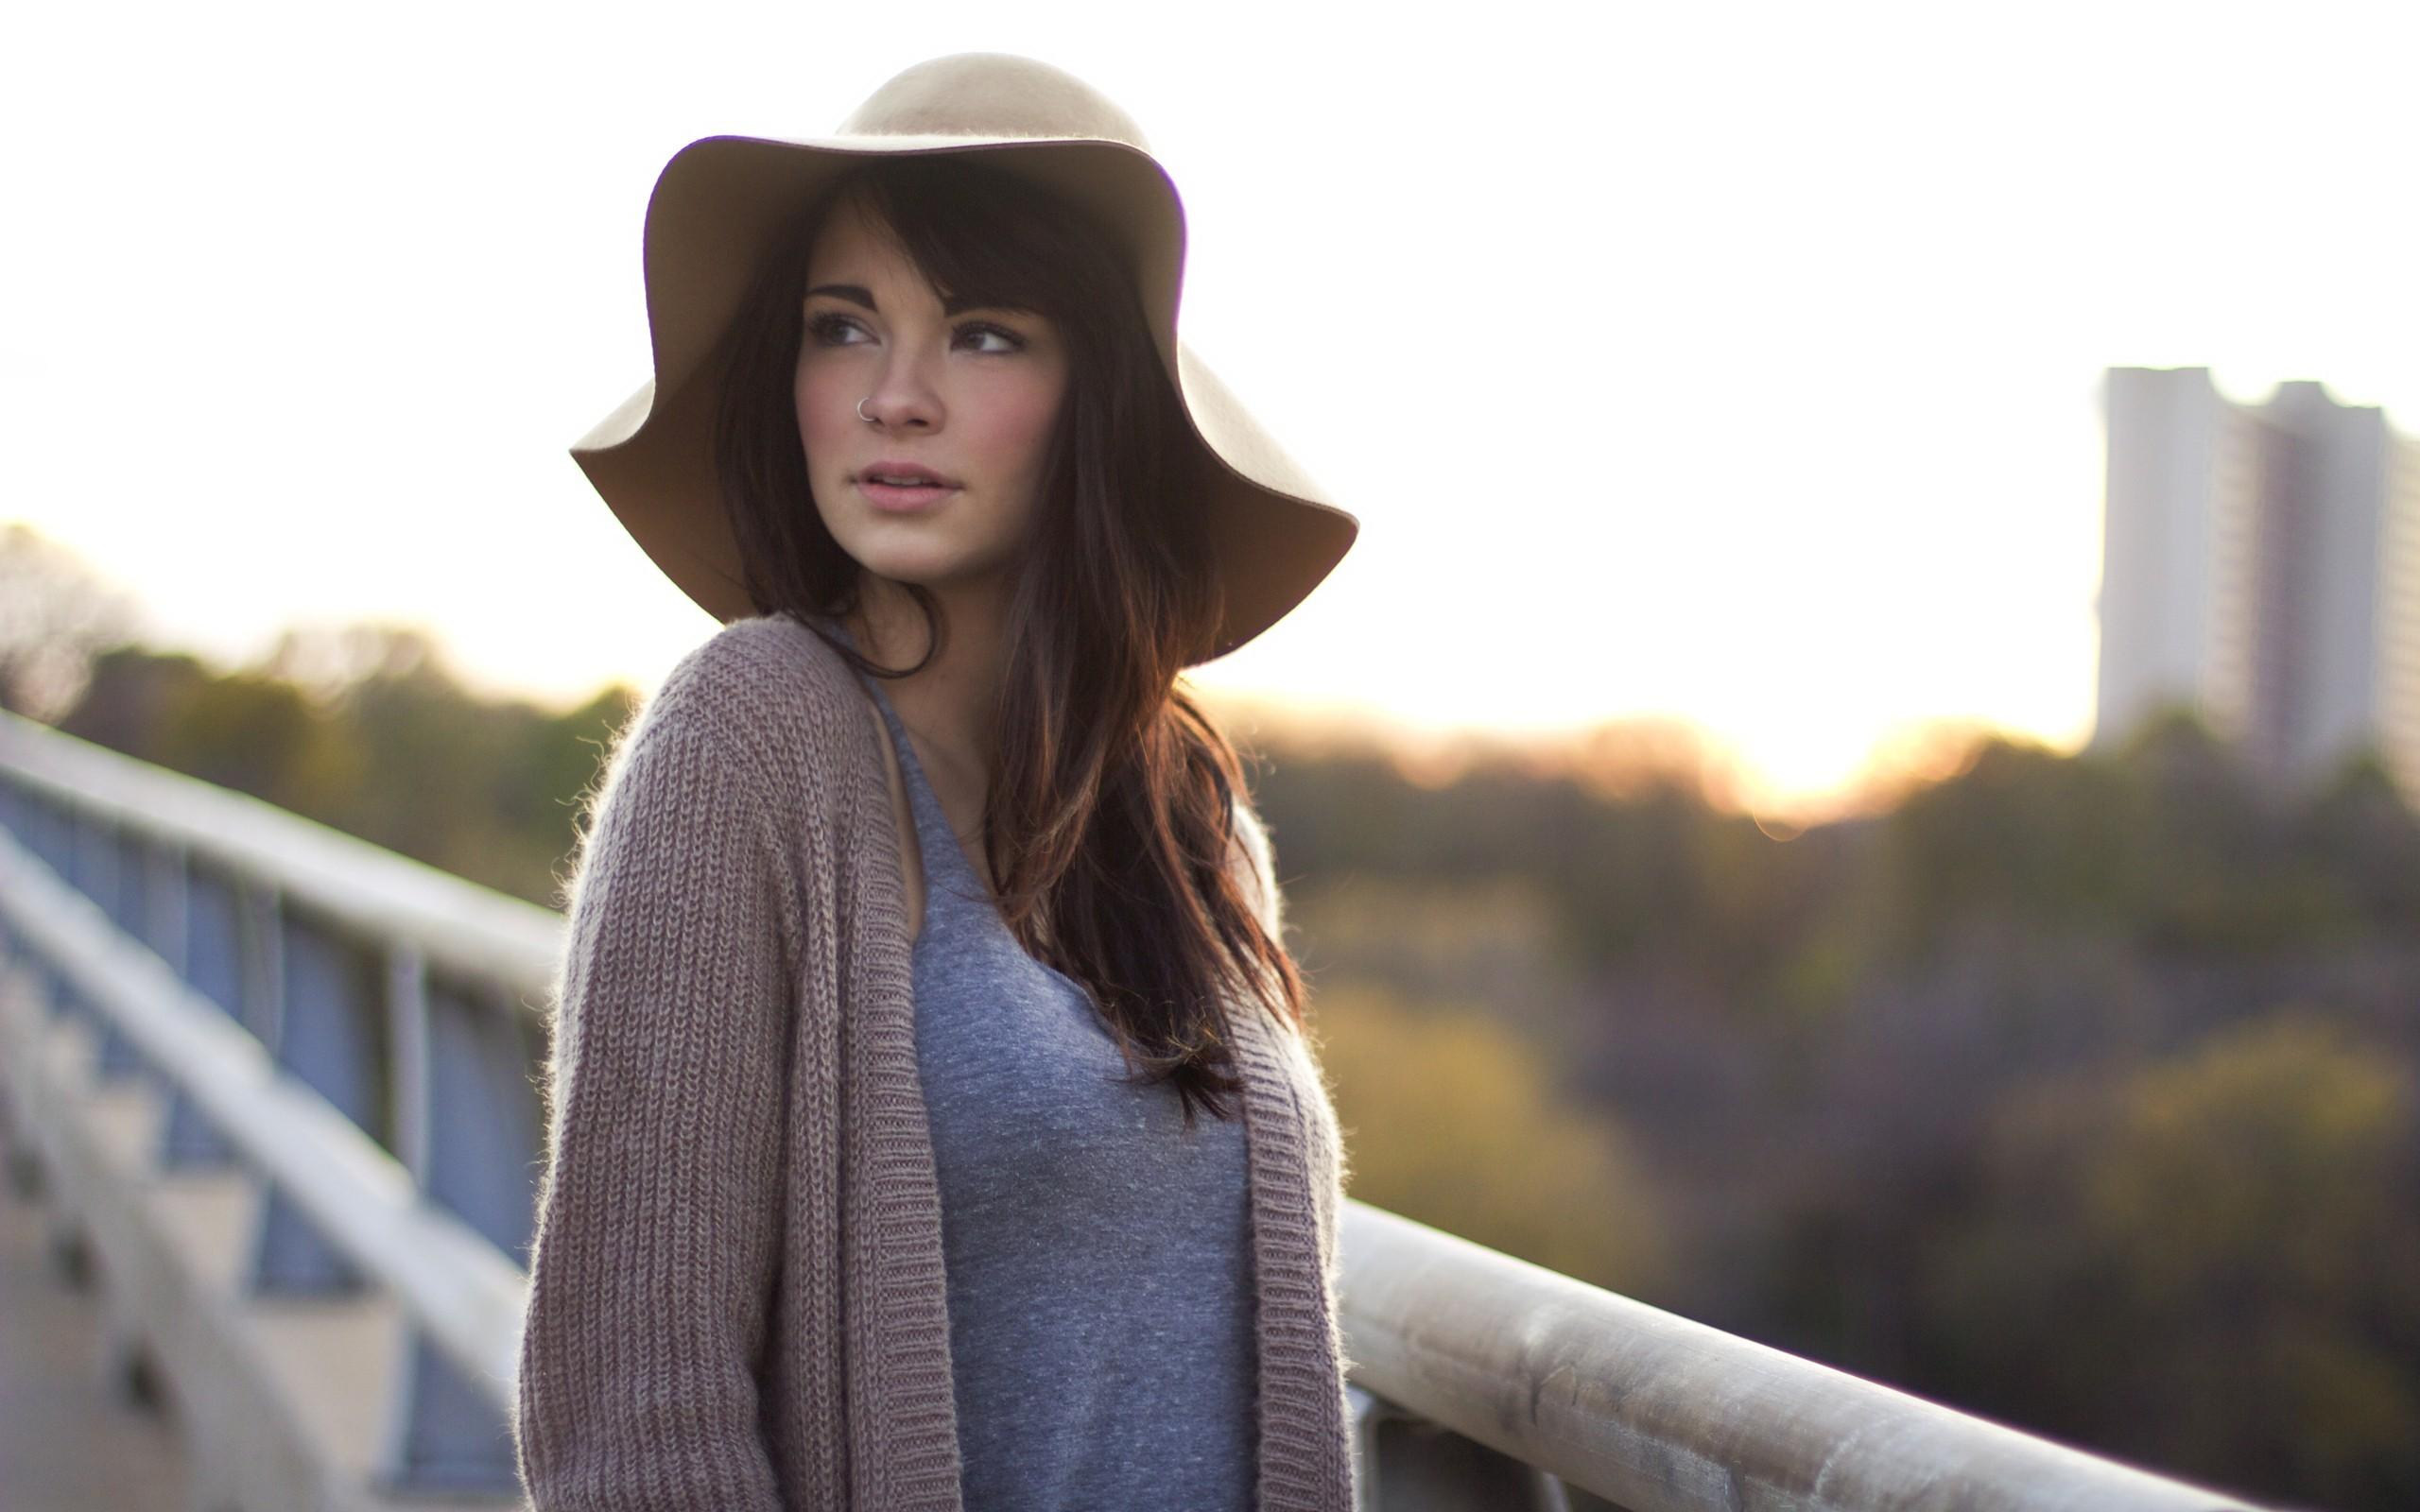 People 2560x1600 cardigan nose rings women outdoors looking away brunette Devyn Hannon